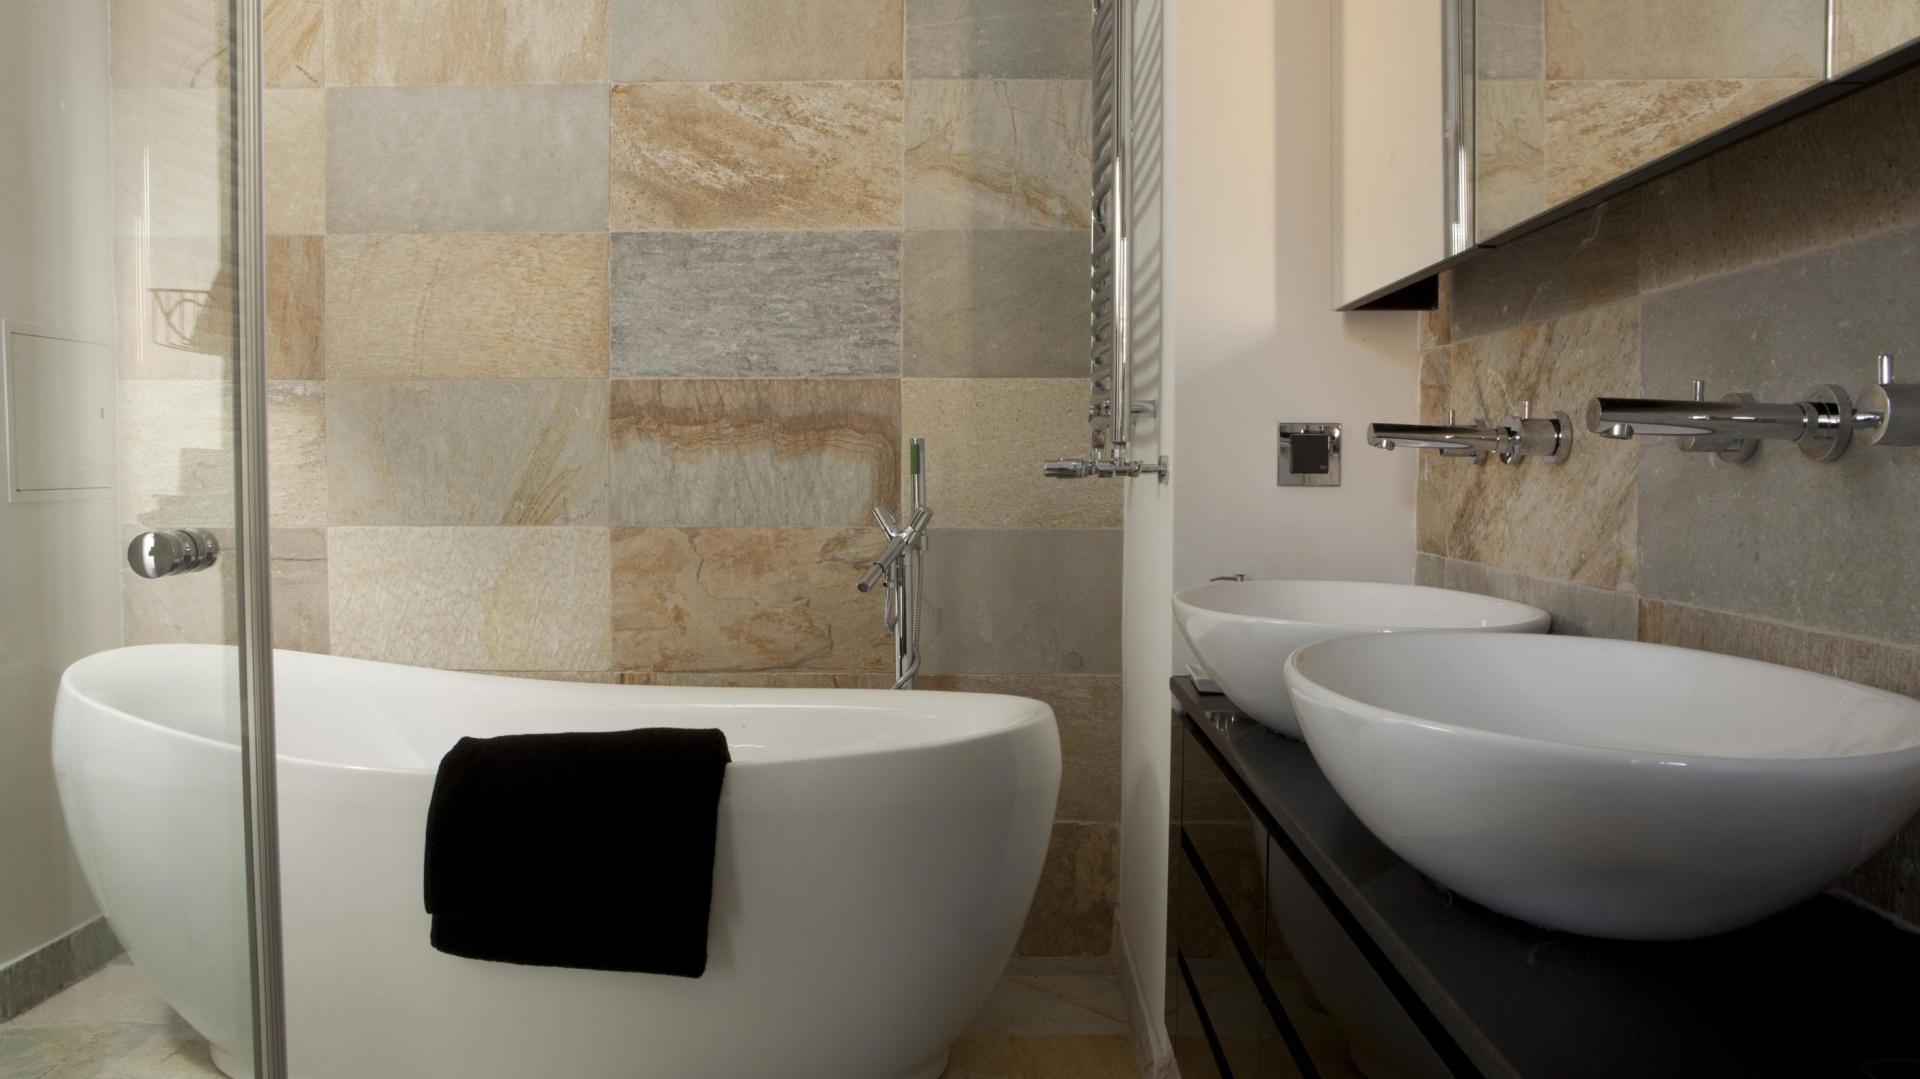 W łazience dla dwojga duża wanna to podstawowy element wyposażenia. Doskonale prezentuje się na tle imitujących kamień płytek. Projekt Magdalena Smyk. Fot. Bartosz Jarosz.